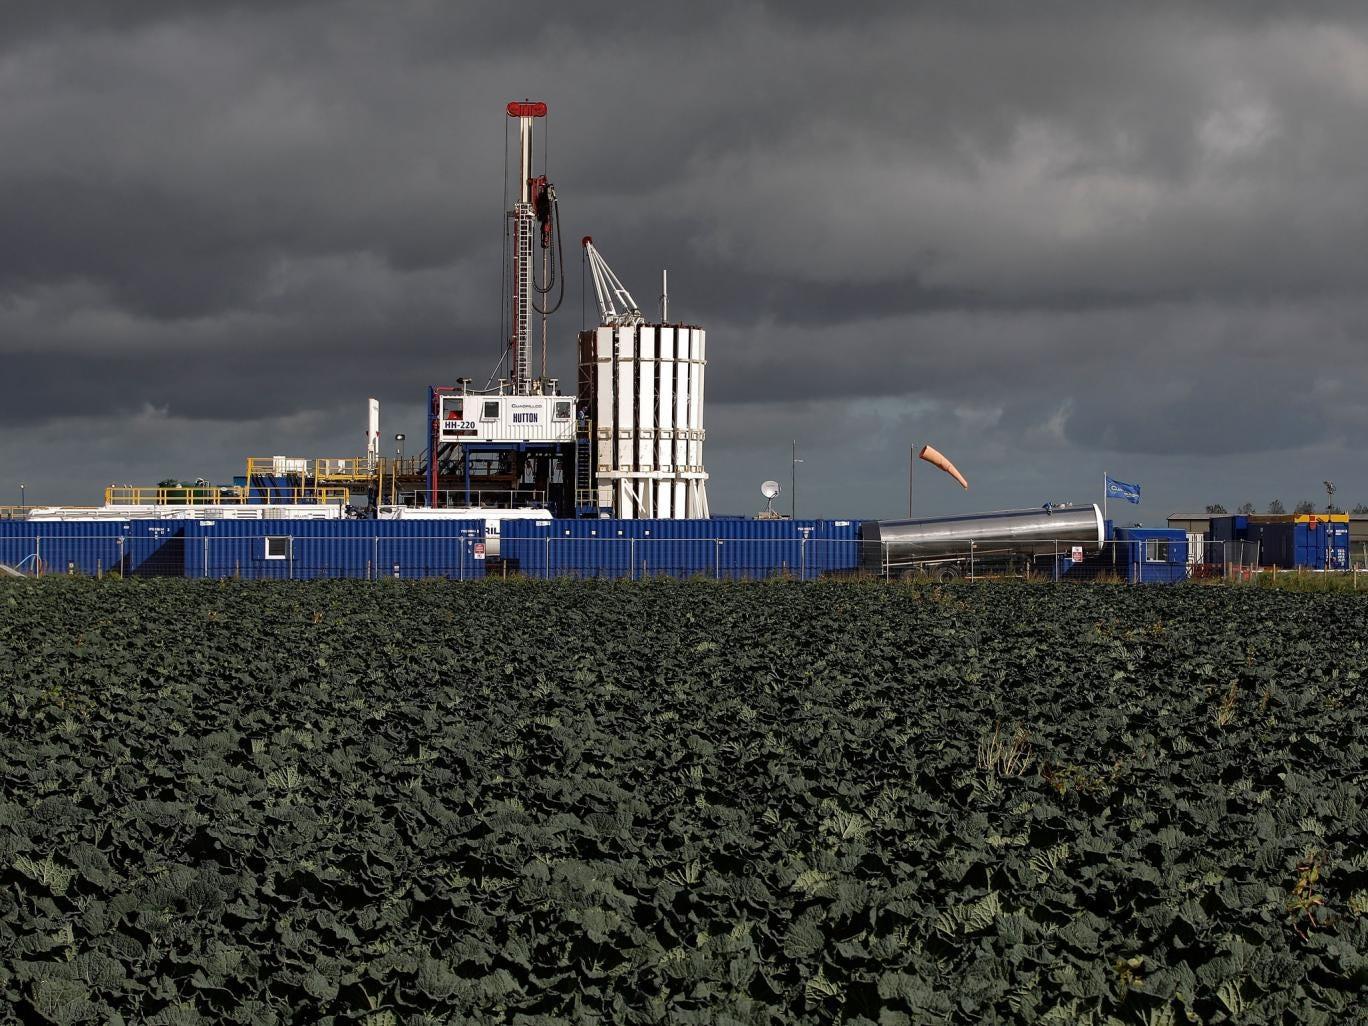 The Cuadrilla shale fracking facility in Preston, Lancashire